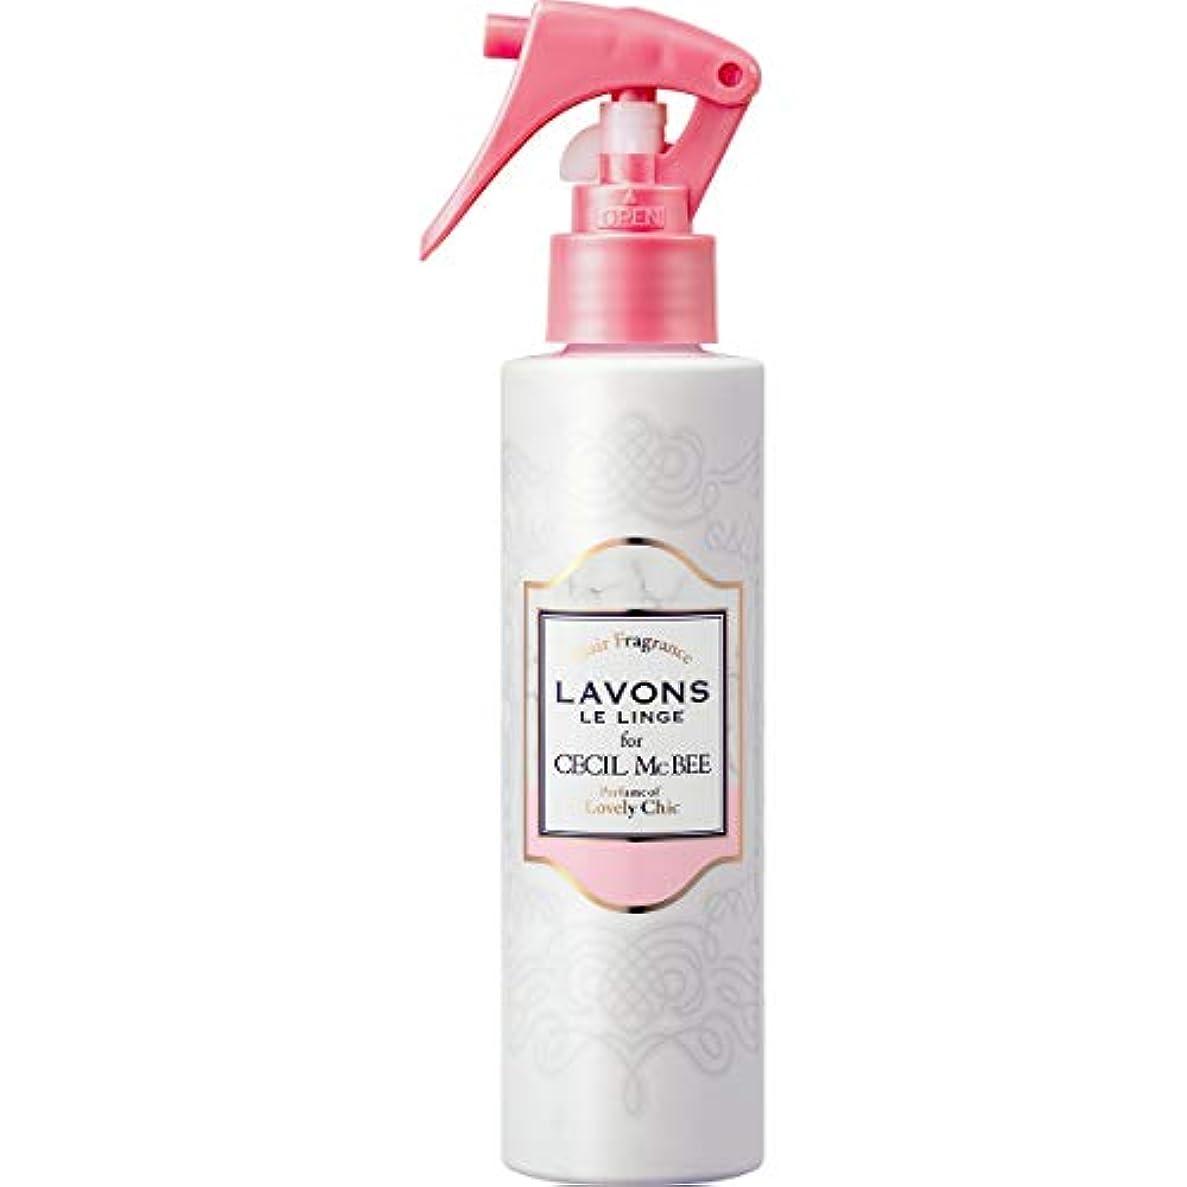 名誉ある商品アストロラーベラボン for CECIL McBEE ヘアフレグランスミスト ラブリーシックの香り 150ml